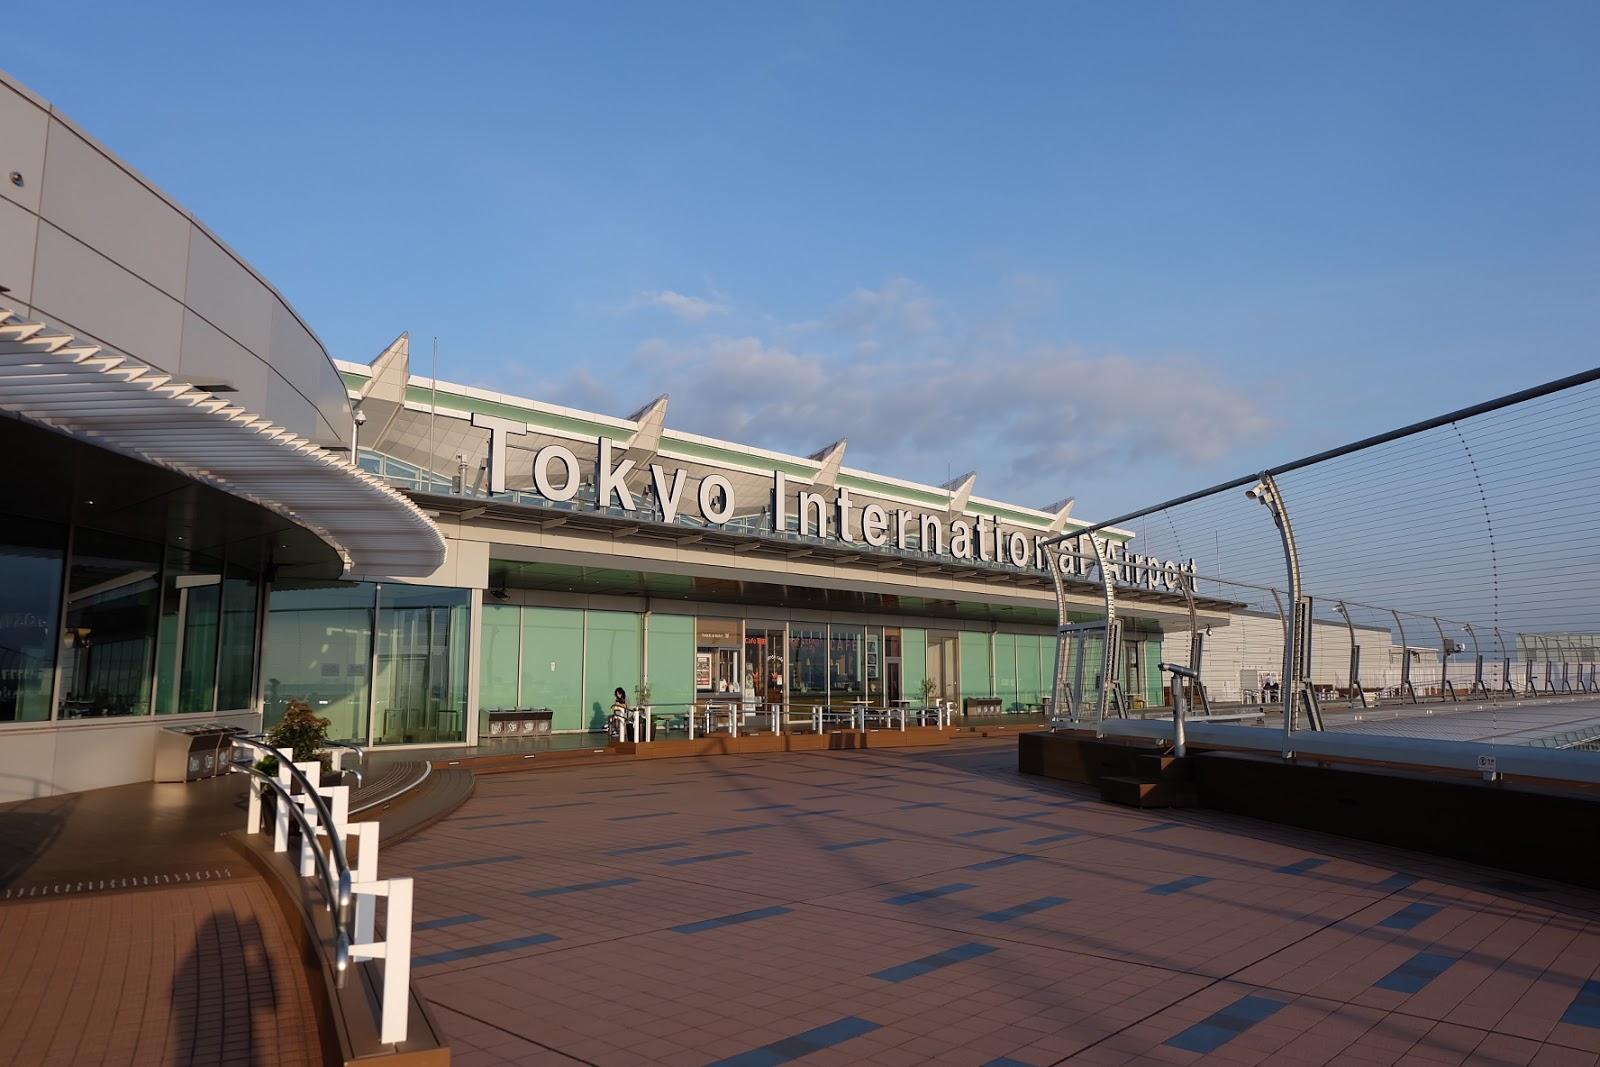 Sewa Mobil dan Supir di Jepang Antar Jemput Airport Transfer Bandara Haneda ke Hotel